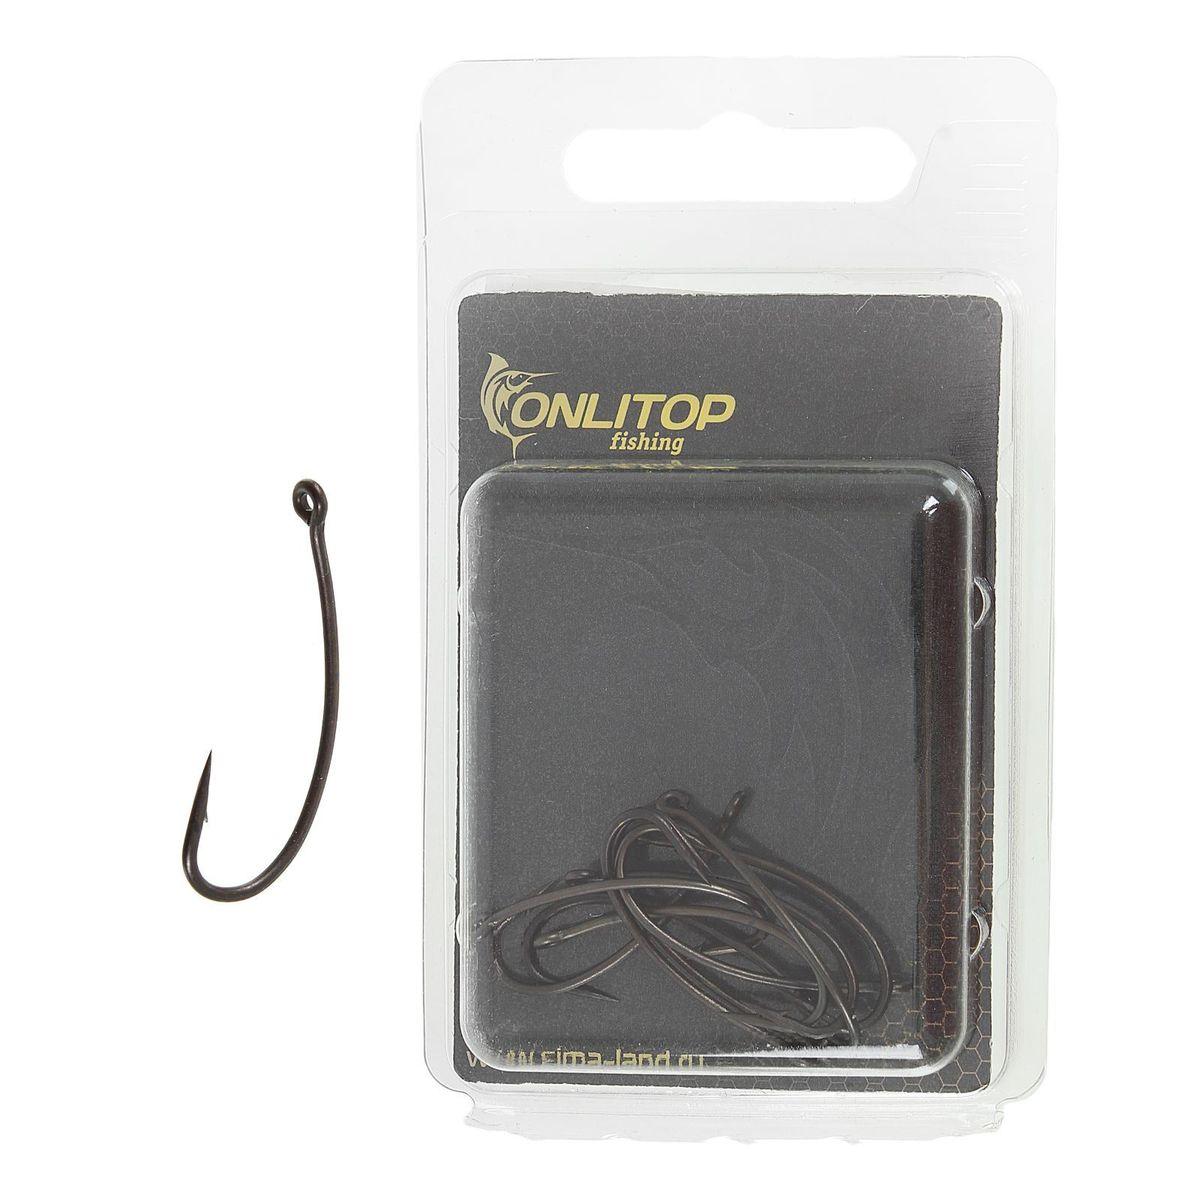 Крючок рыболовный Onlitop Turn Down Teflon, размер 4, 10 штC1101NSB-008Крючок TURN DOWN Teflon– незаменимый элемент в любительском рыболовстве и присутствует практически во всех снастях. Крючками оснащаются поплавочные и донные удочки, а также все искусственные приманки.